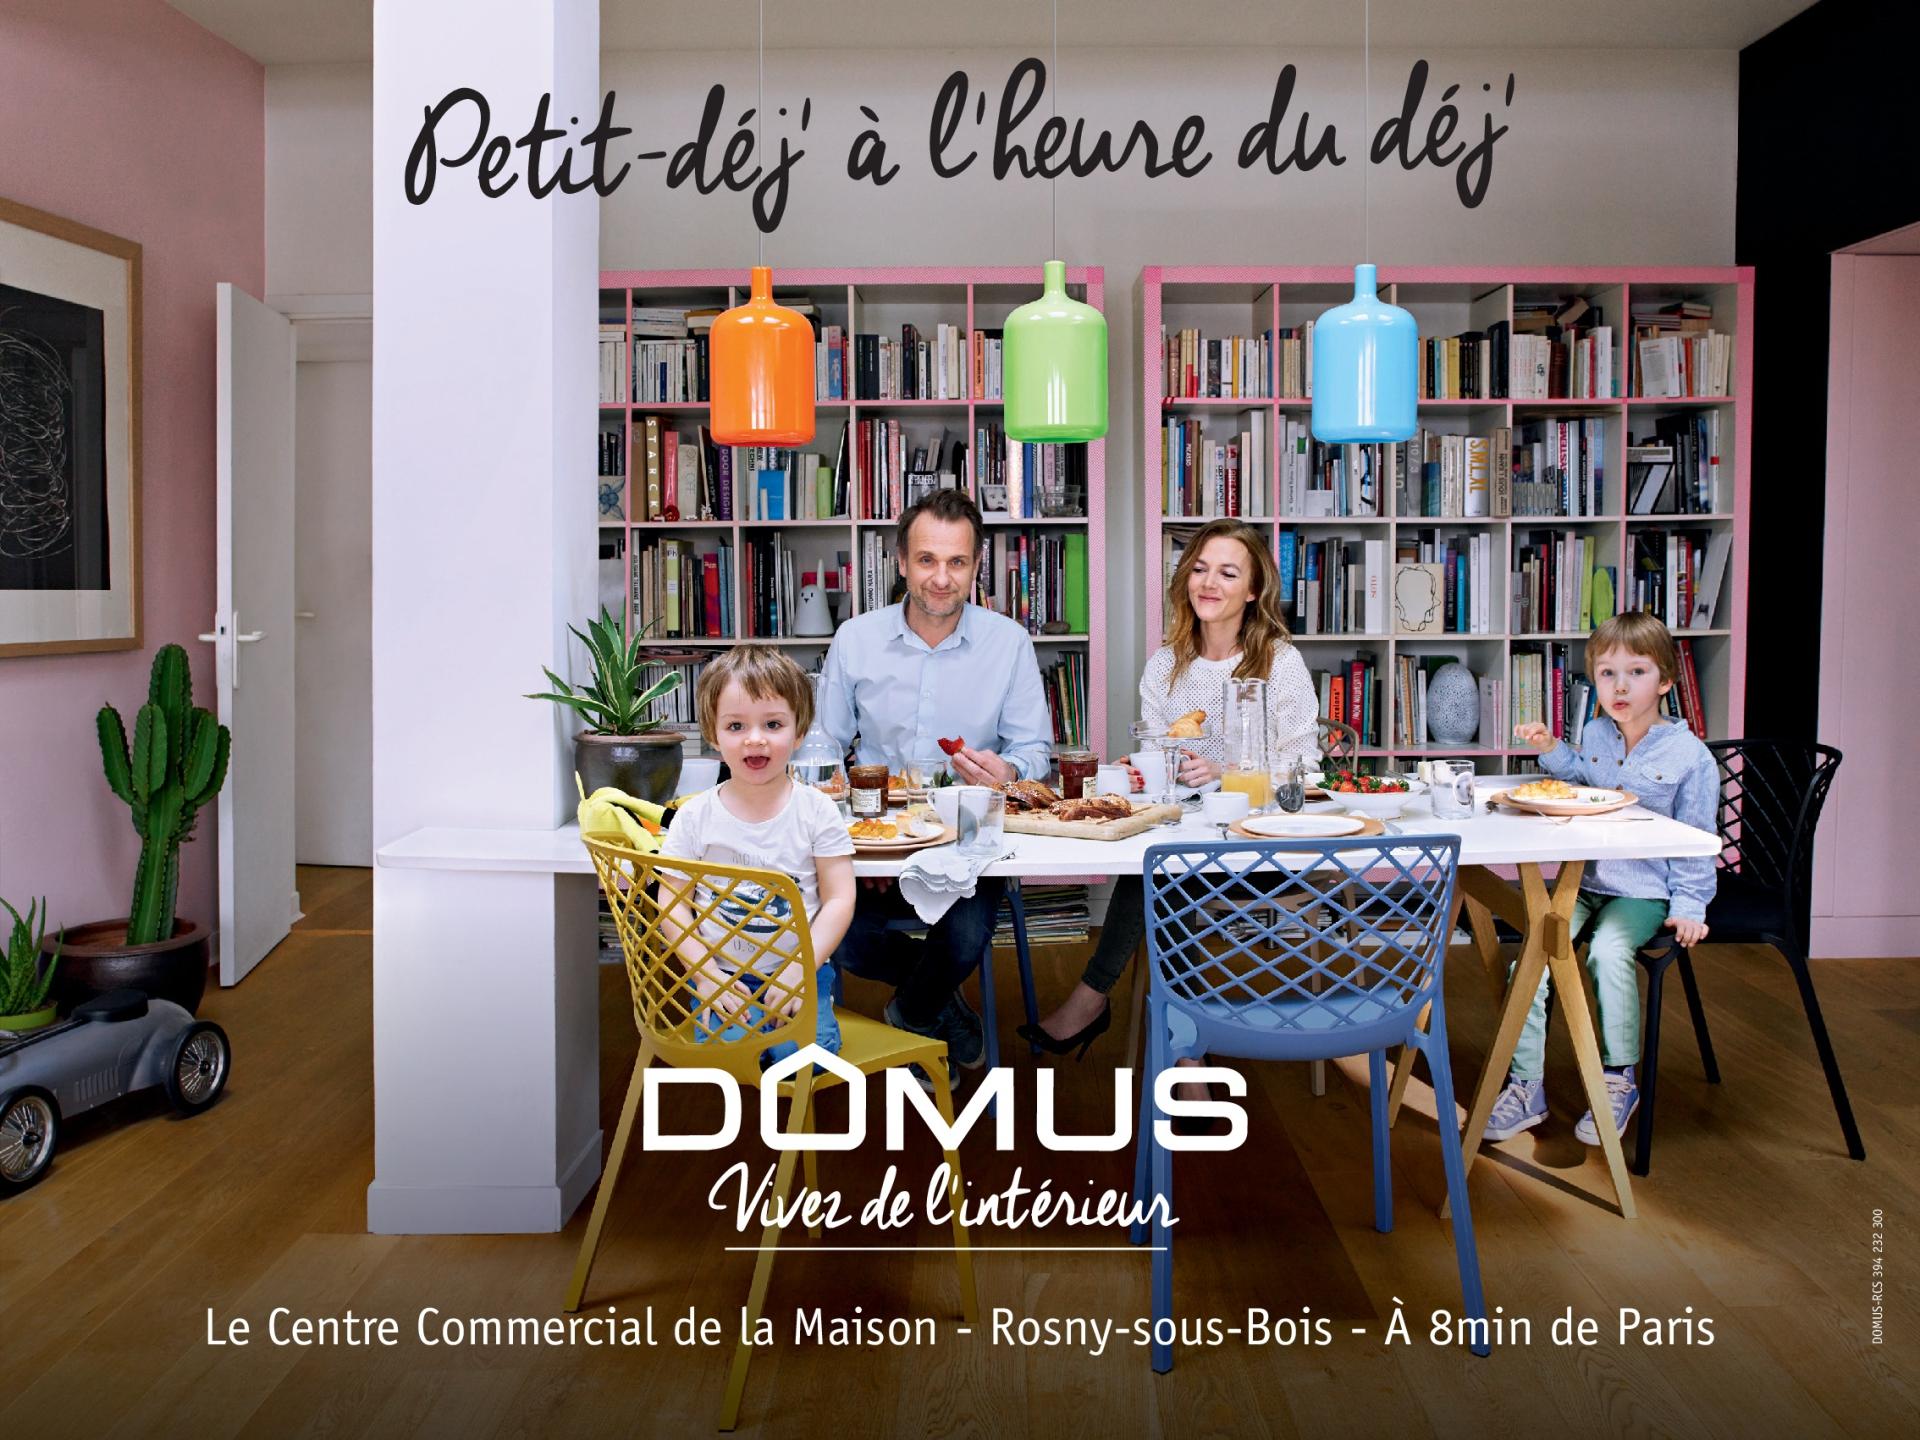 Vivez de l 39 int rieur domus agence born to run babel for Domus interieur